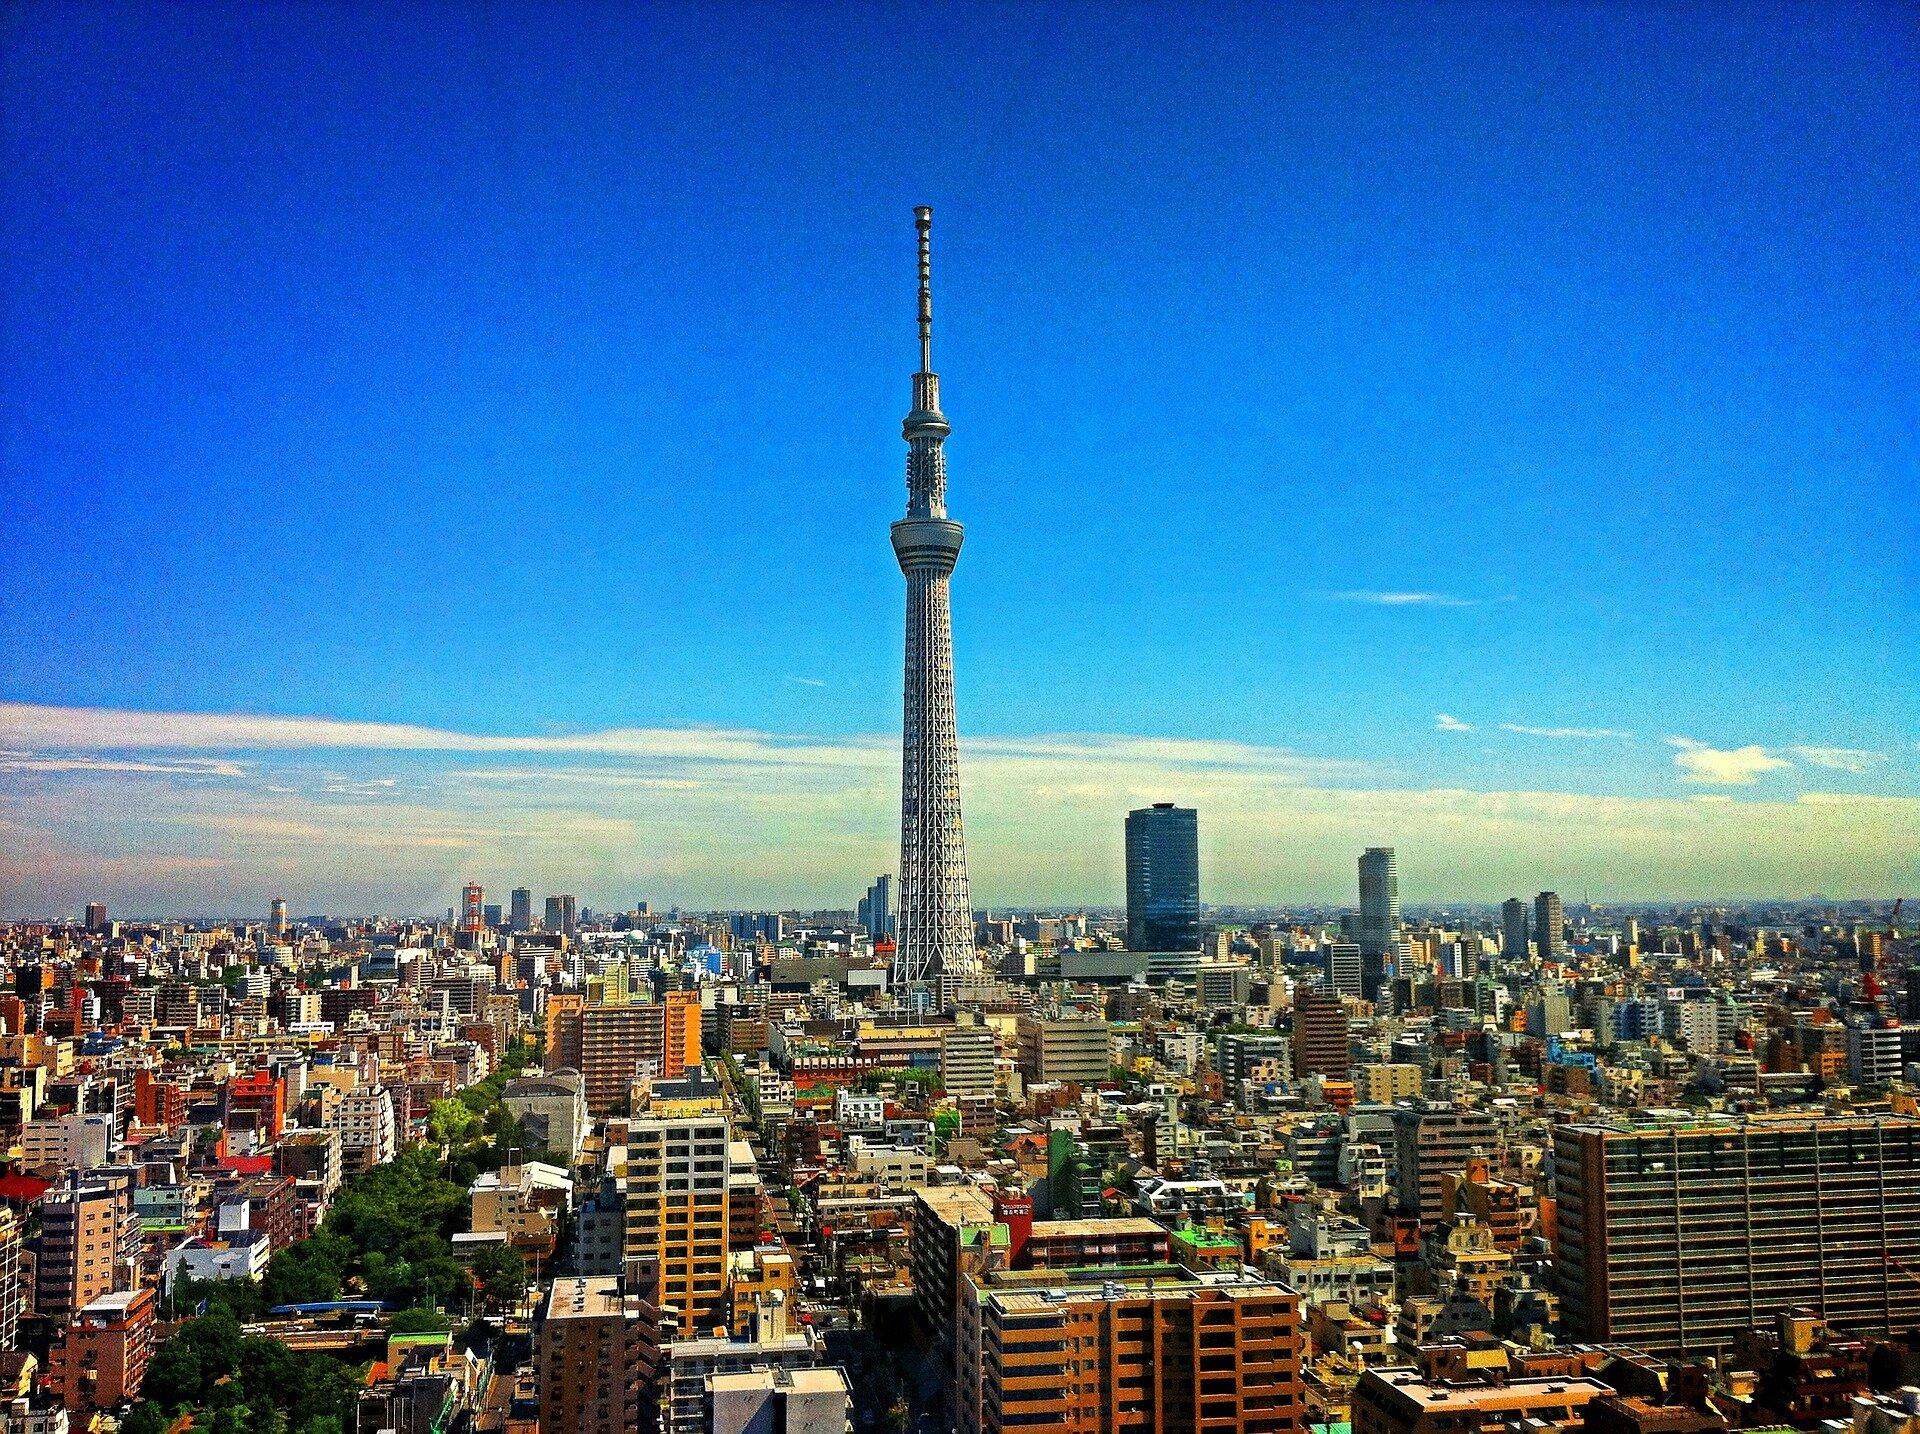 tokyo-tower-825196_1920.jpg